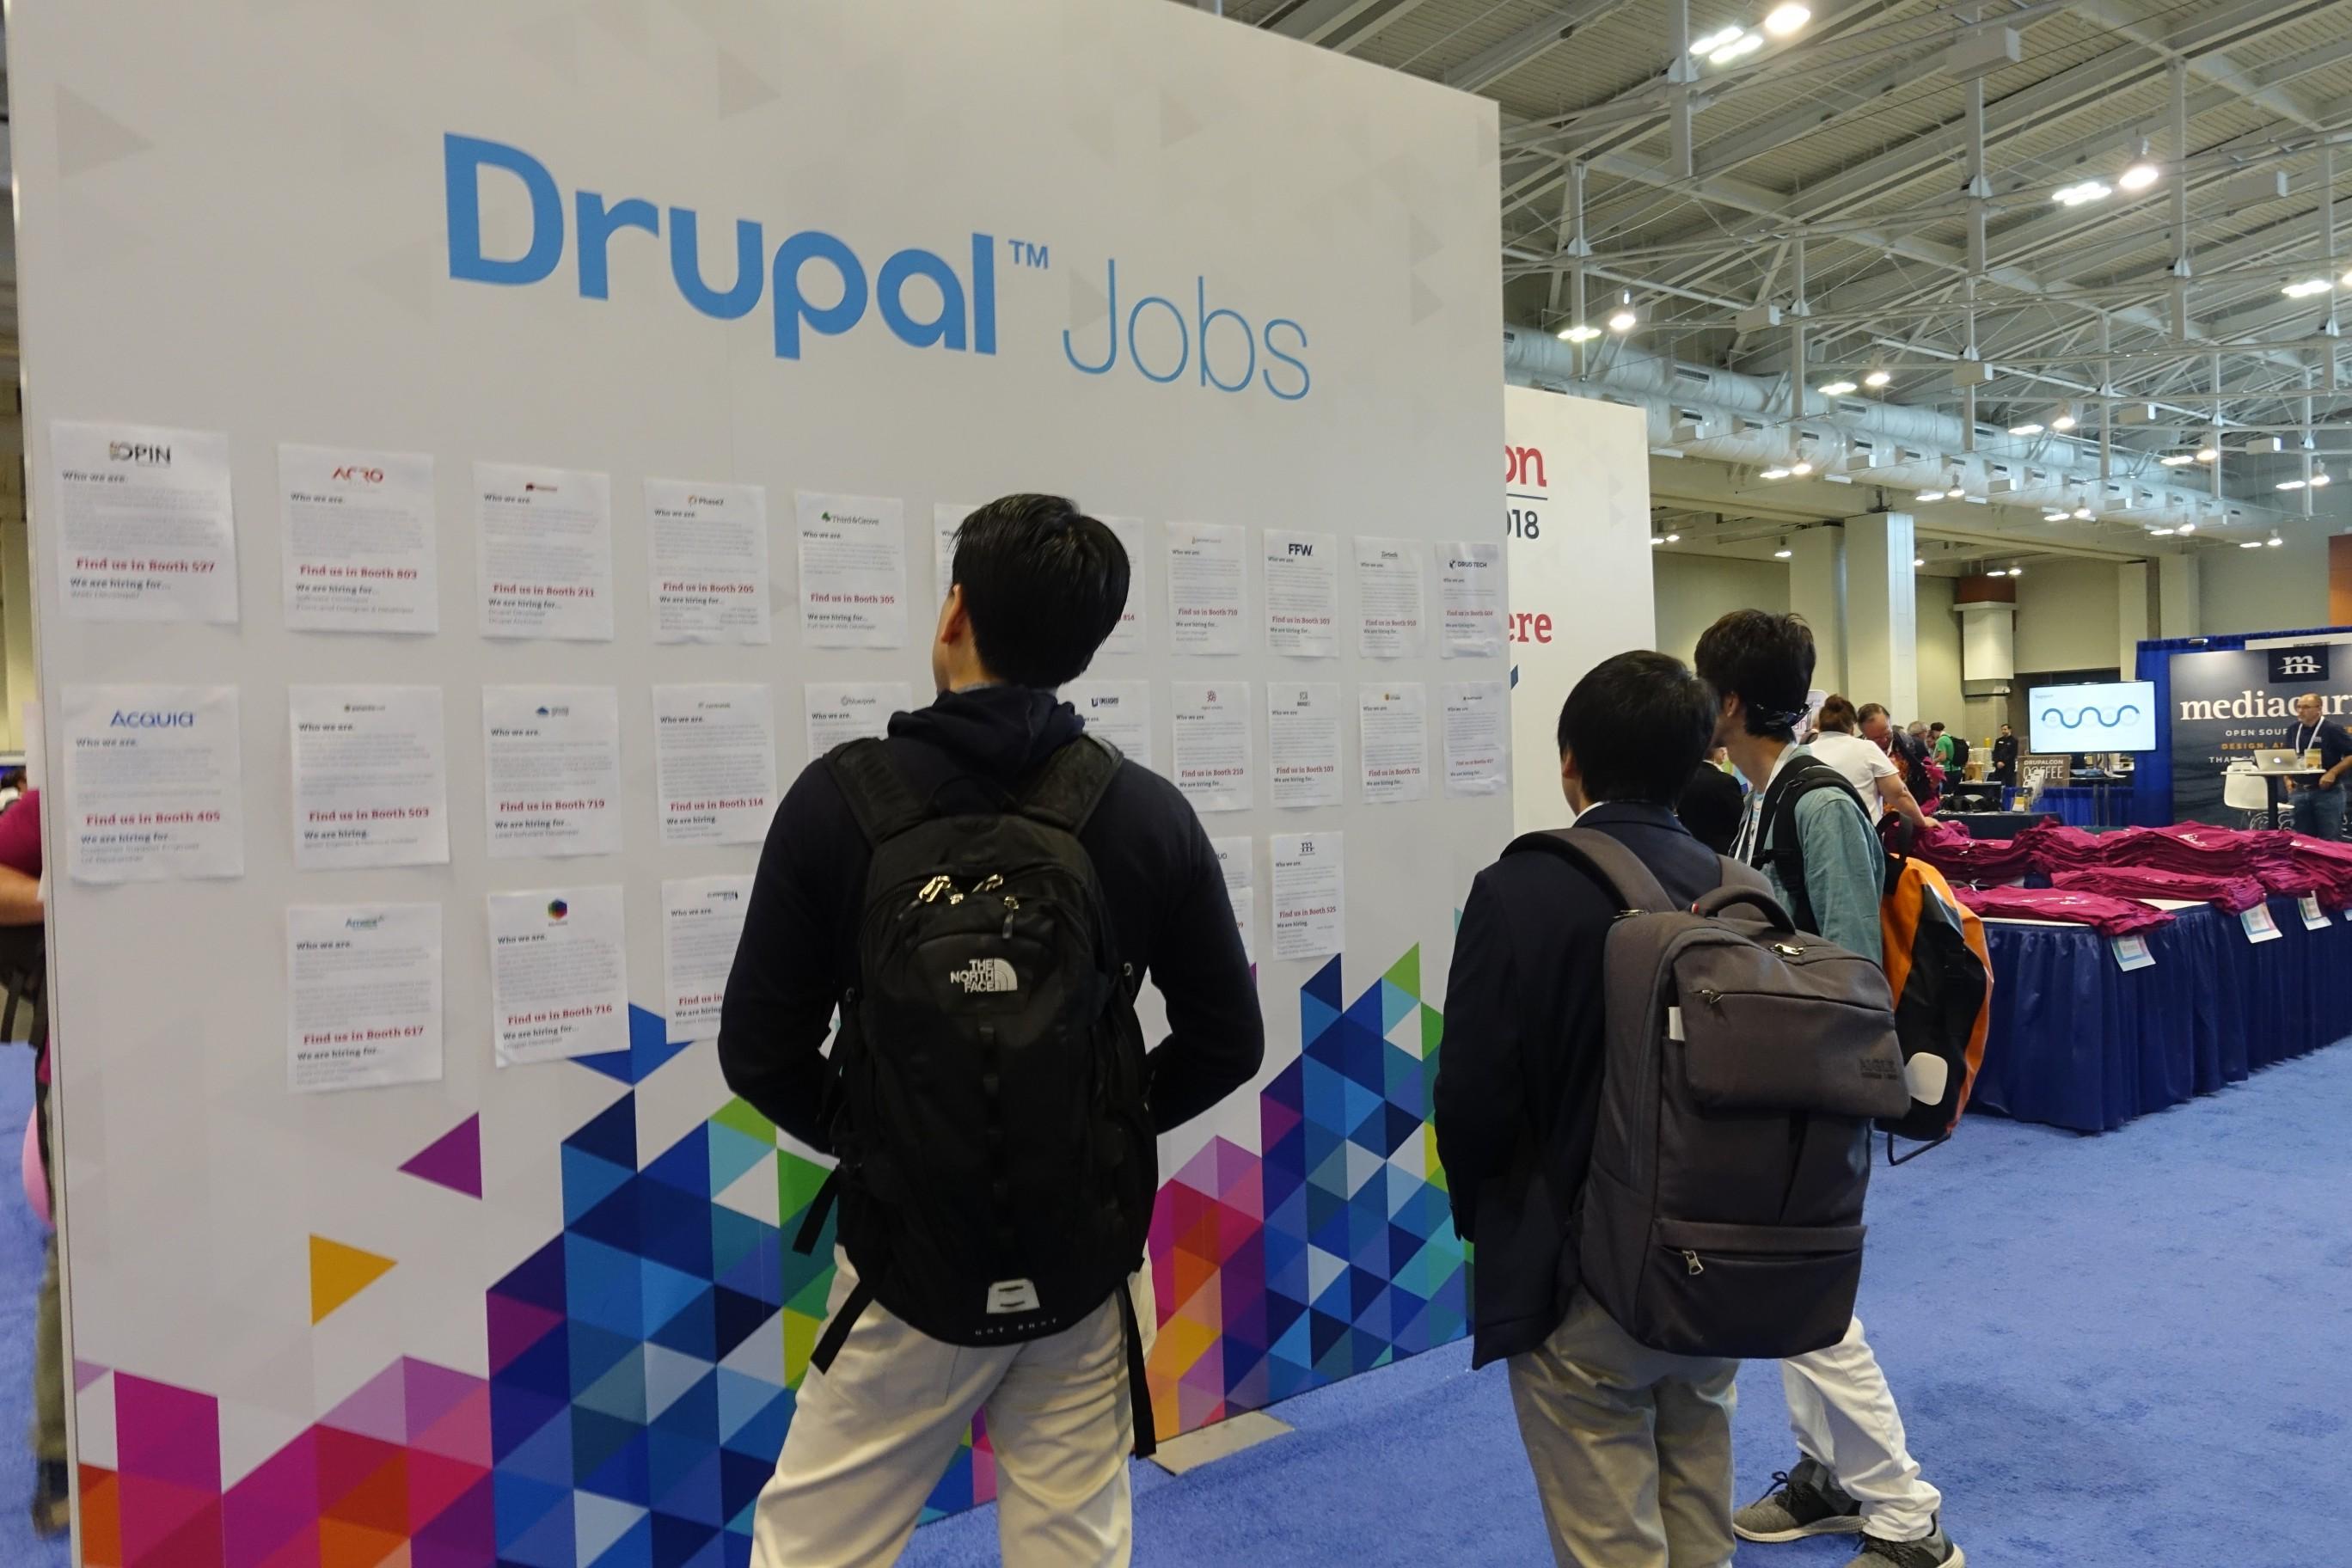 Drupal求人票